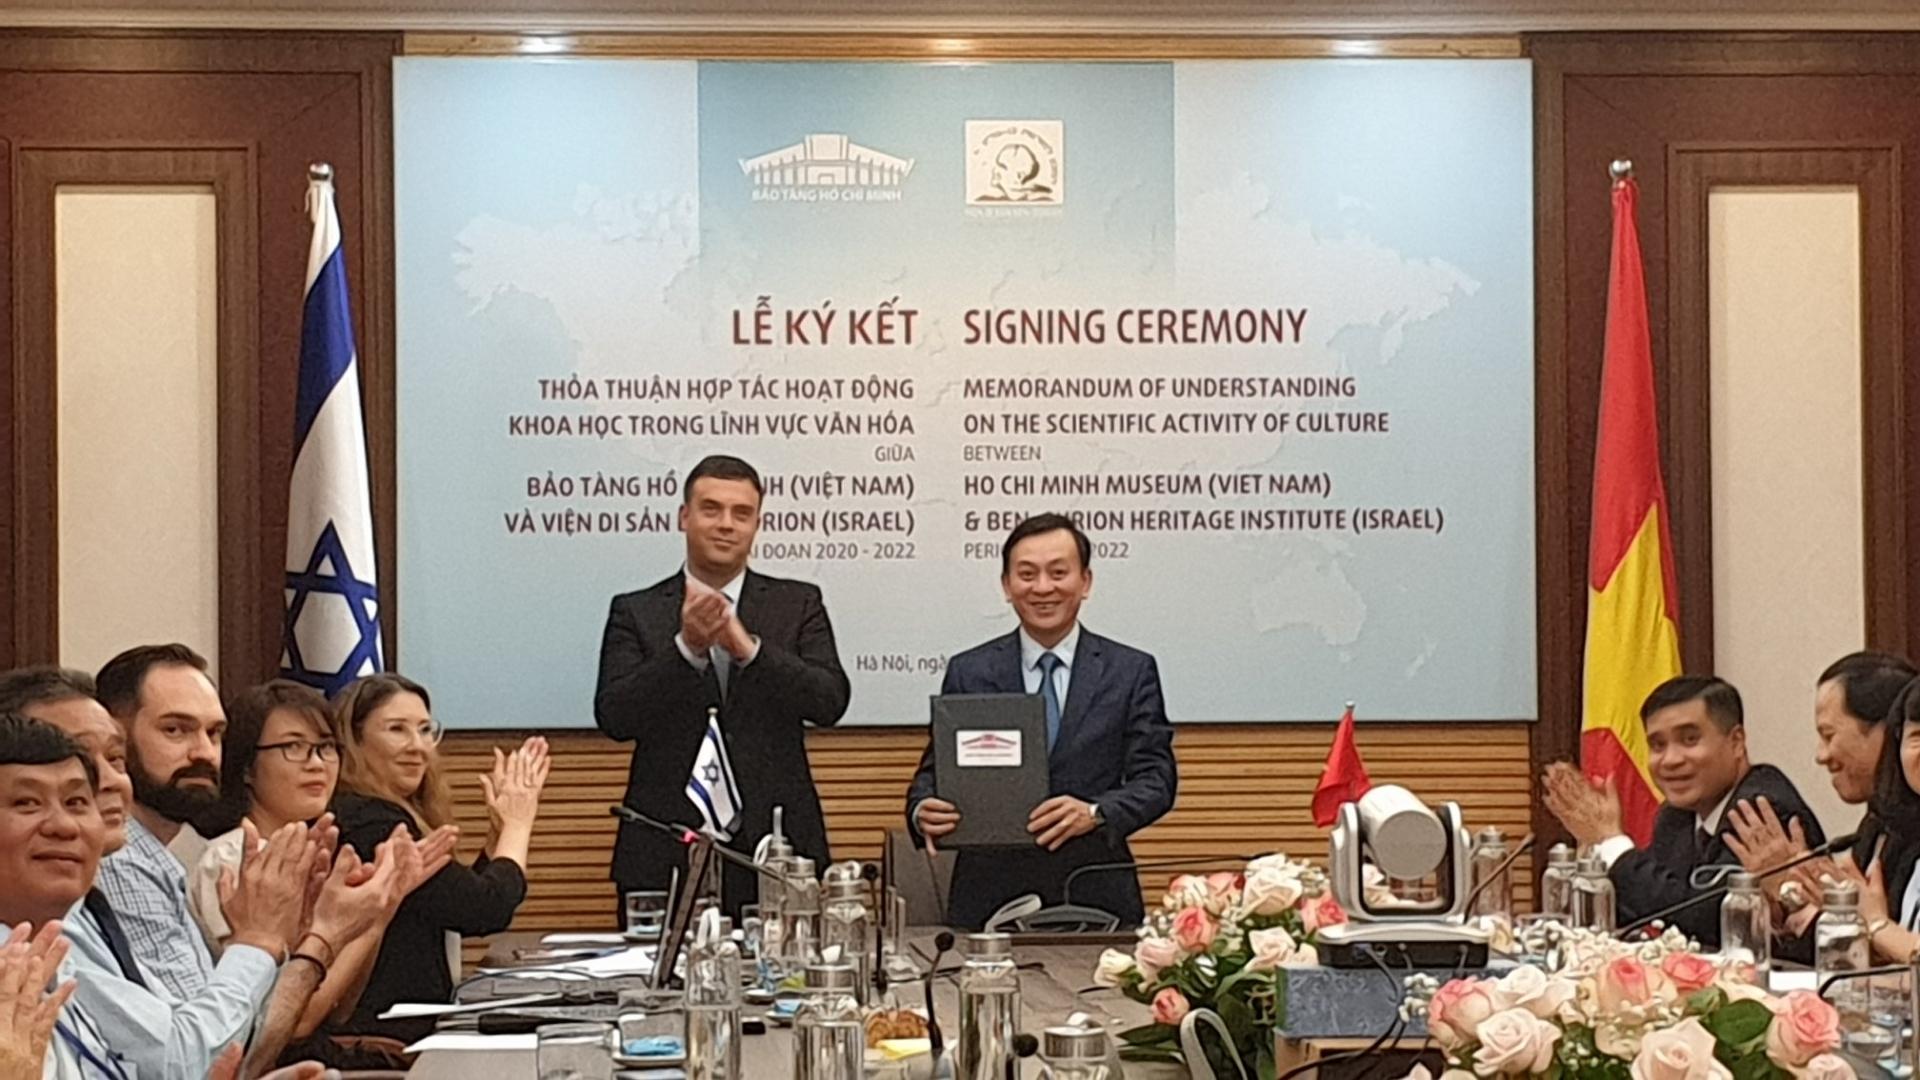 The signing ceremonies in Hanoi (Photo: Bao Van Hoa)